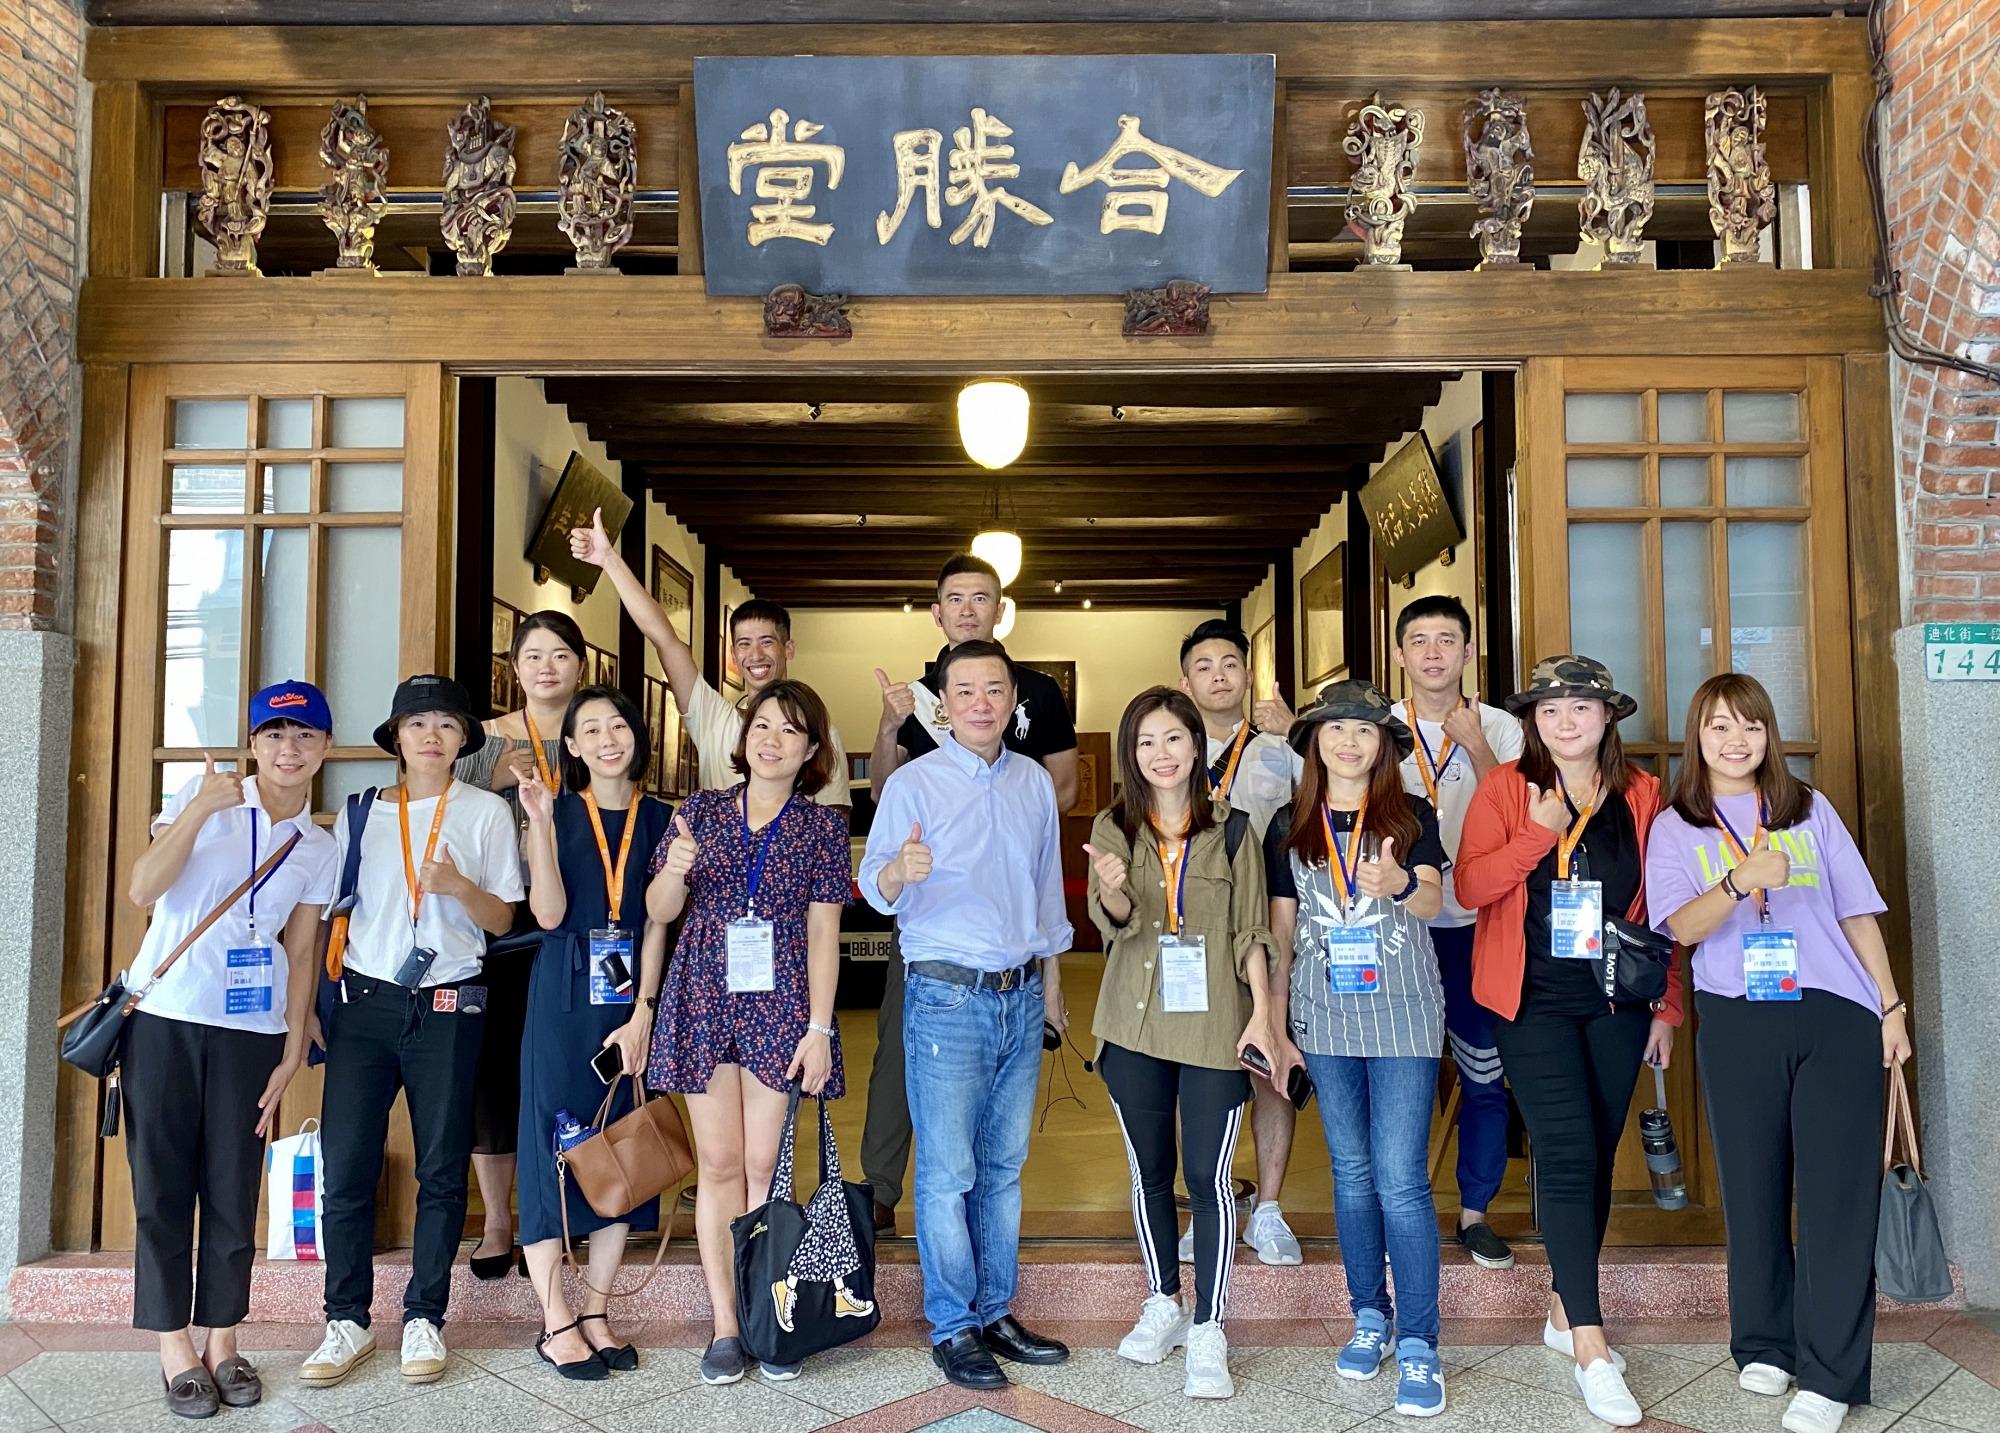 客製預約 員工旅遊|享有知性內容的Team Building活動與小旅行-10.jpg